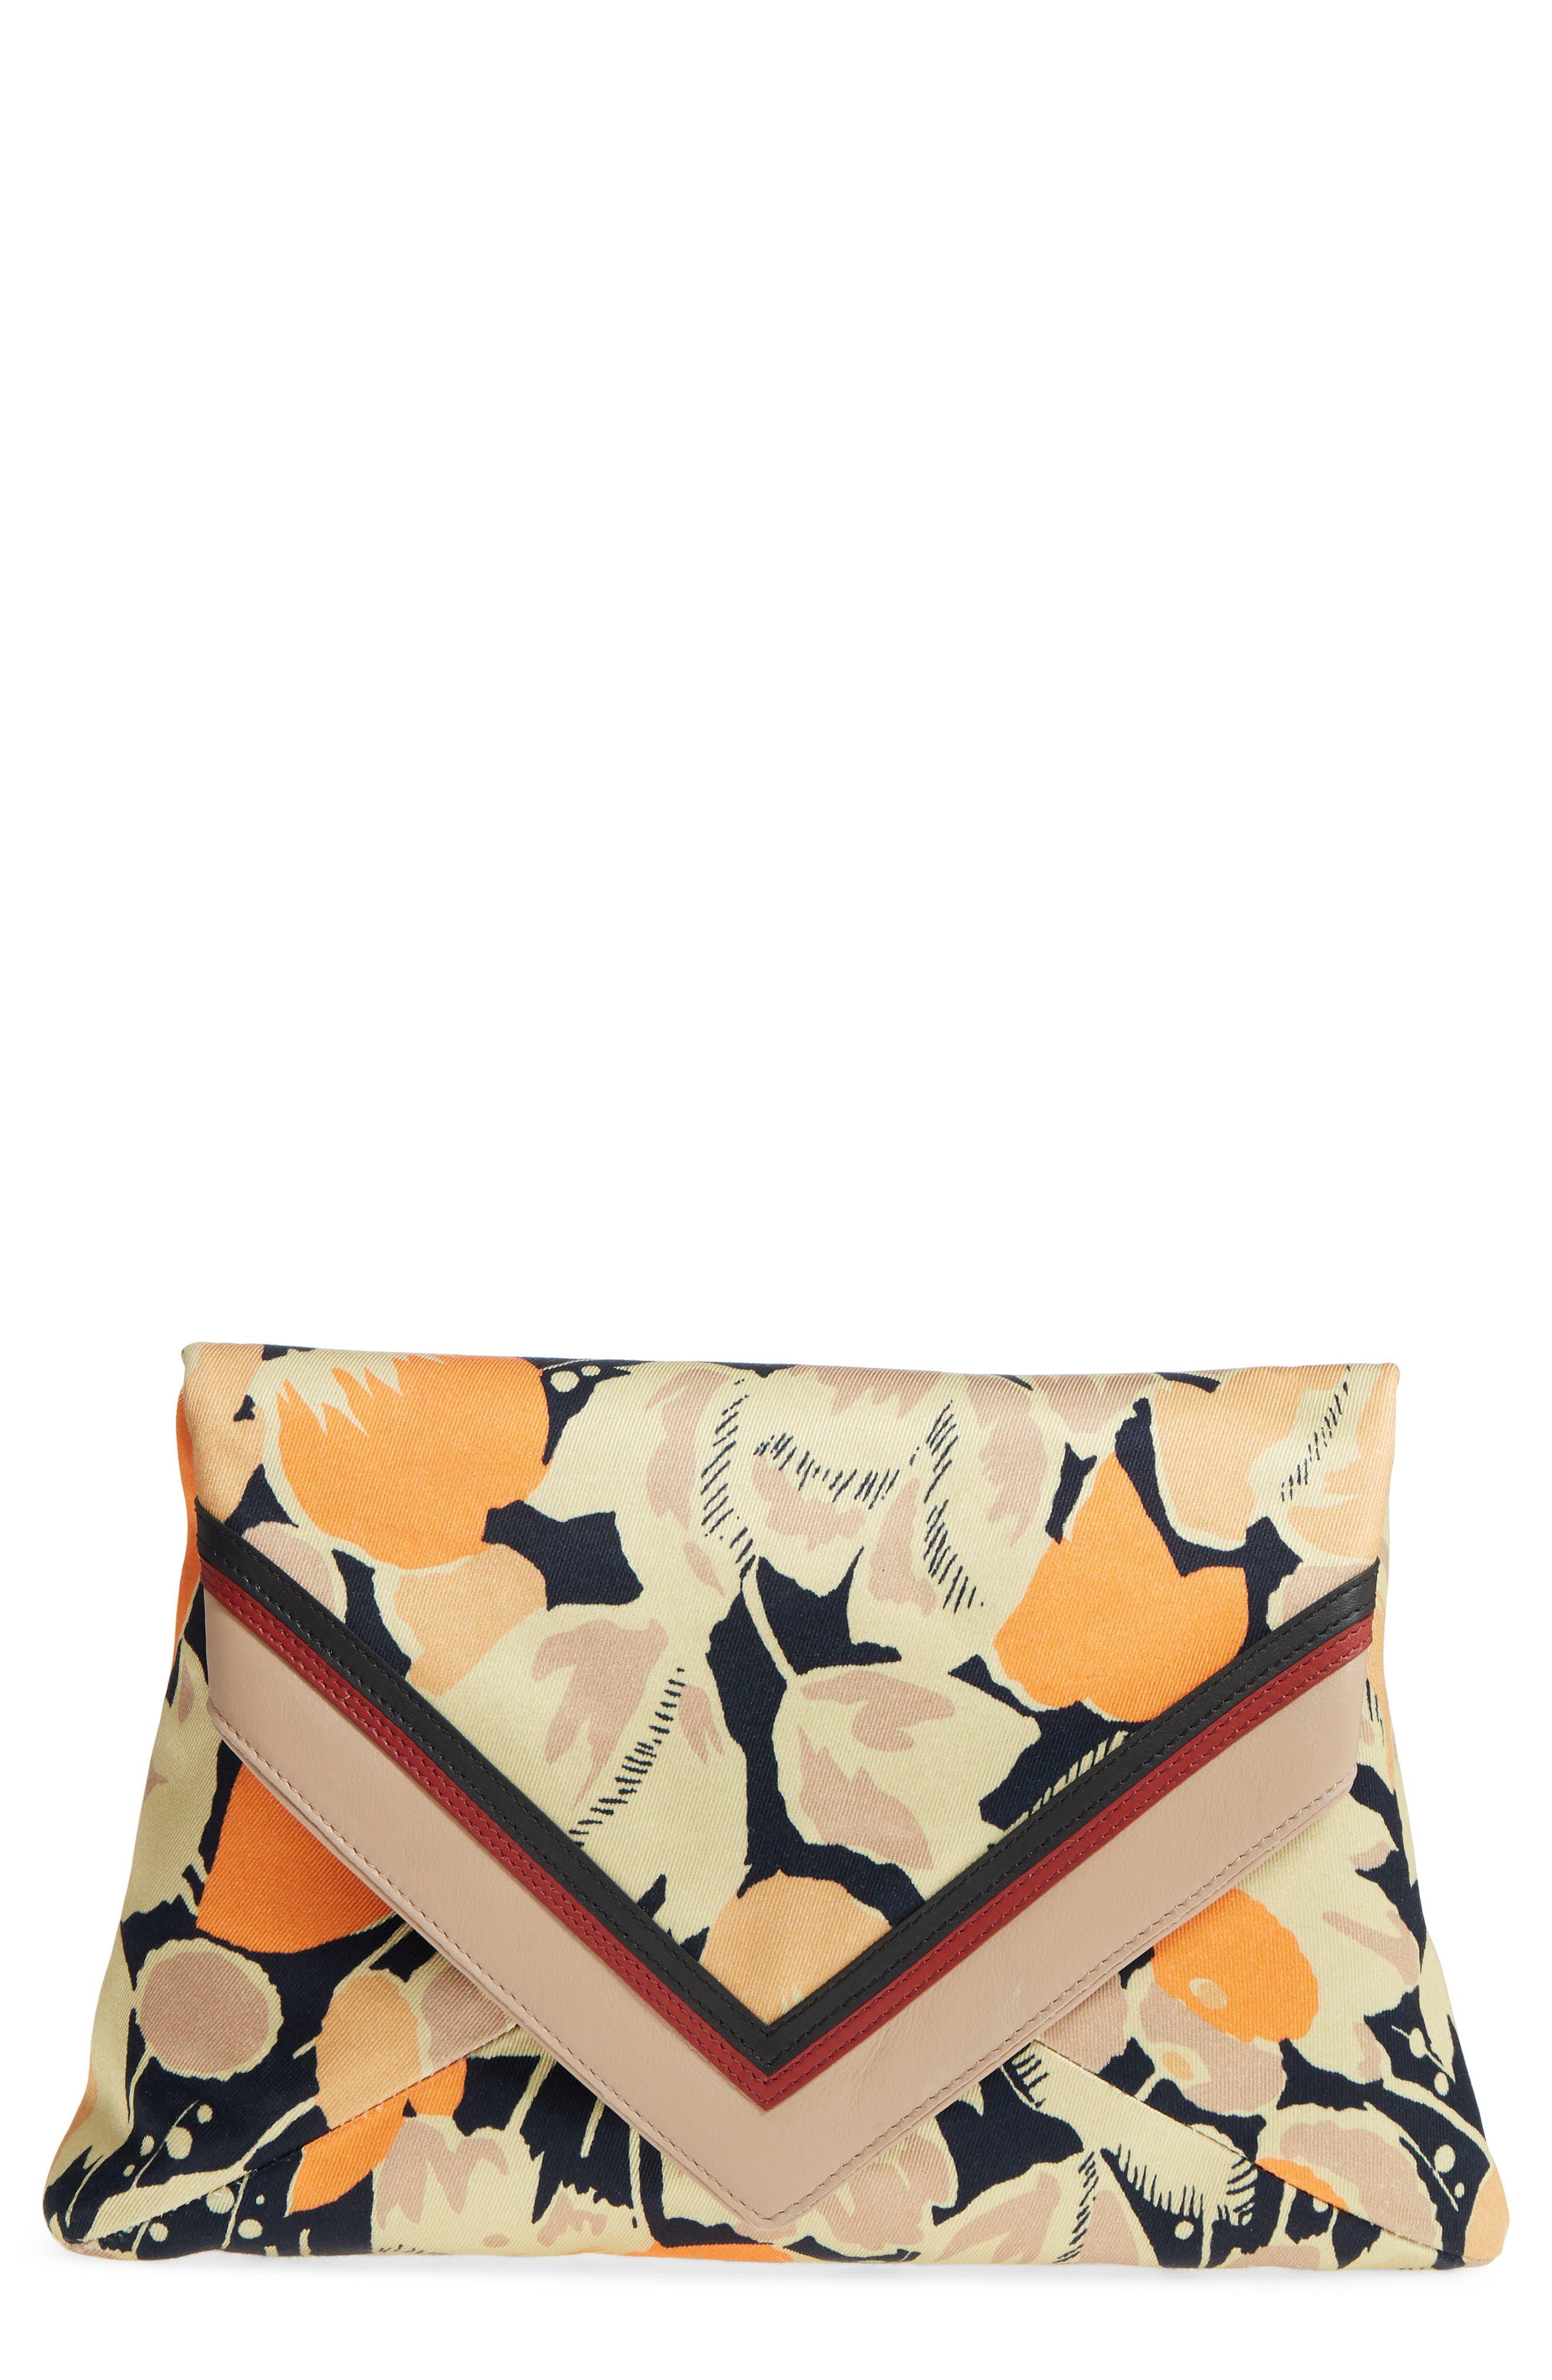 Floral Print Envelope Clutch,                             Main thumbnail 1, color,                             Orange